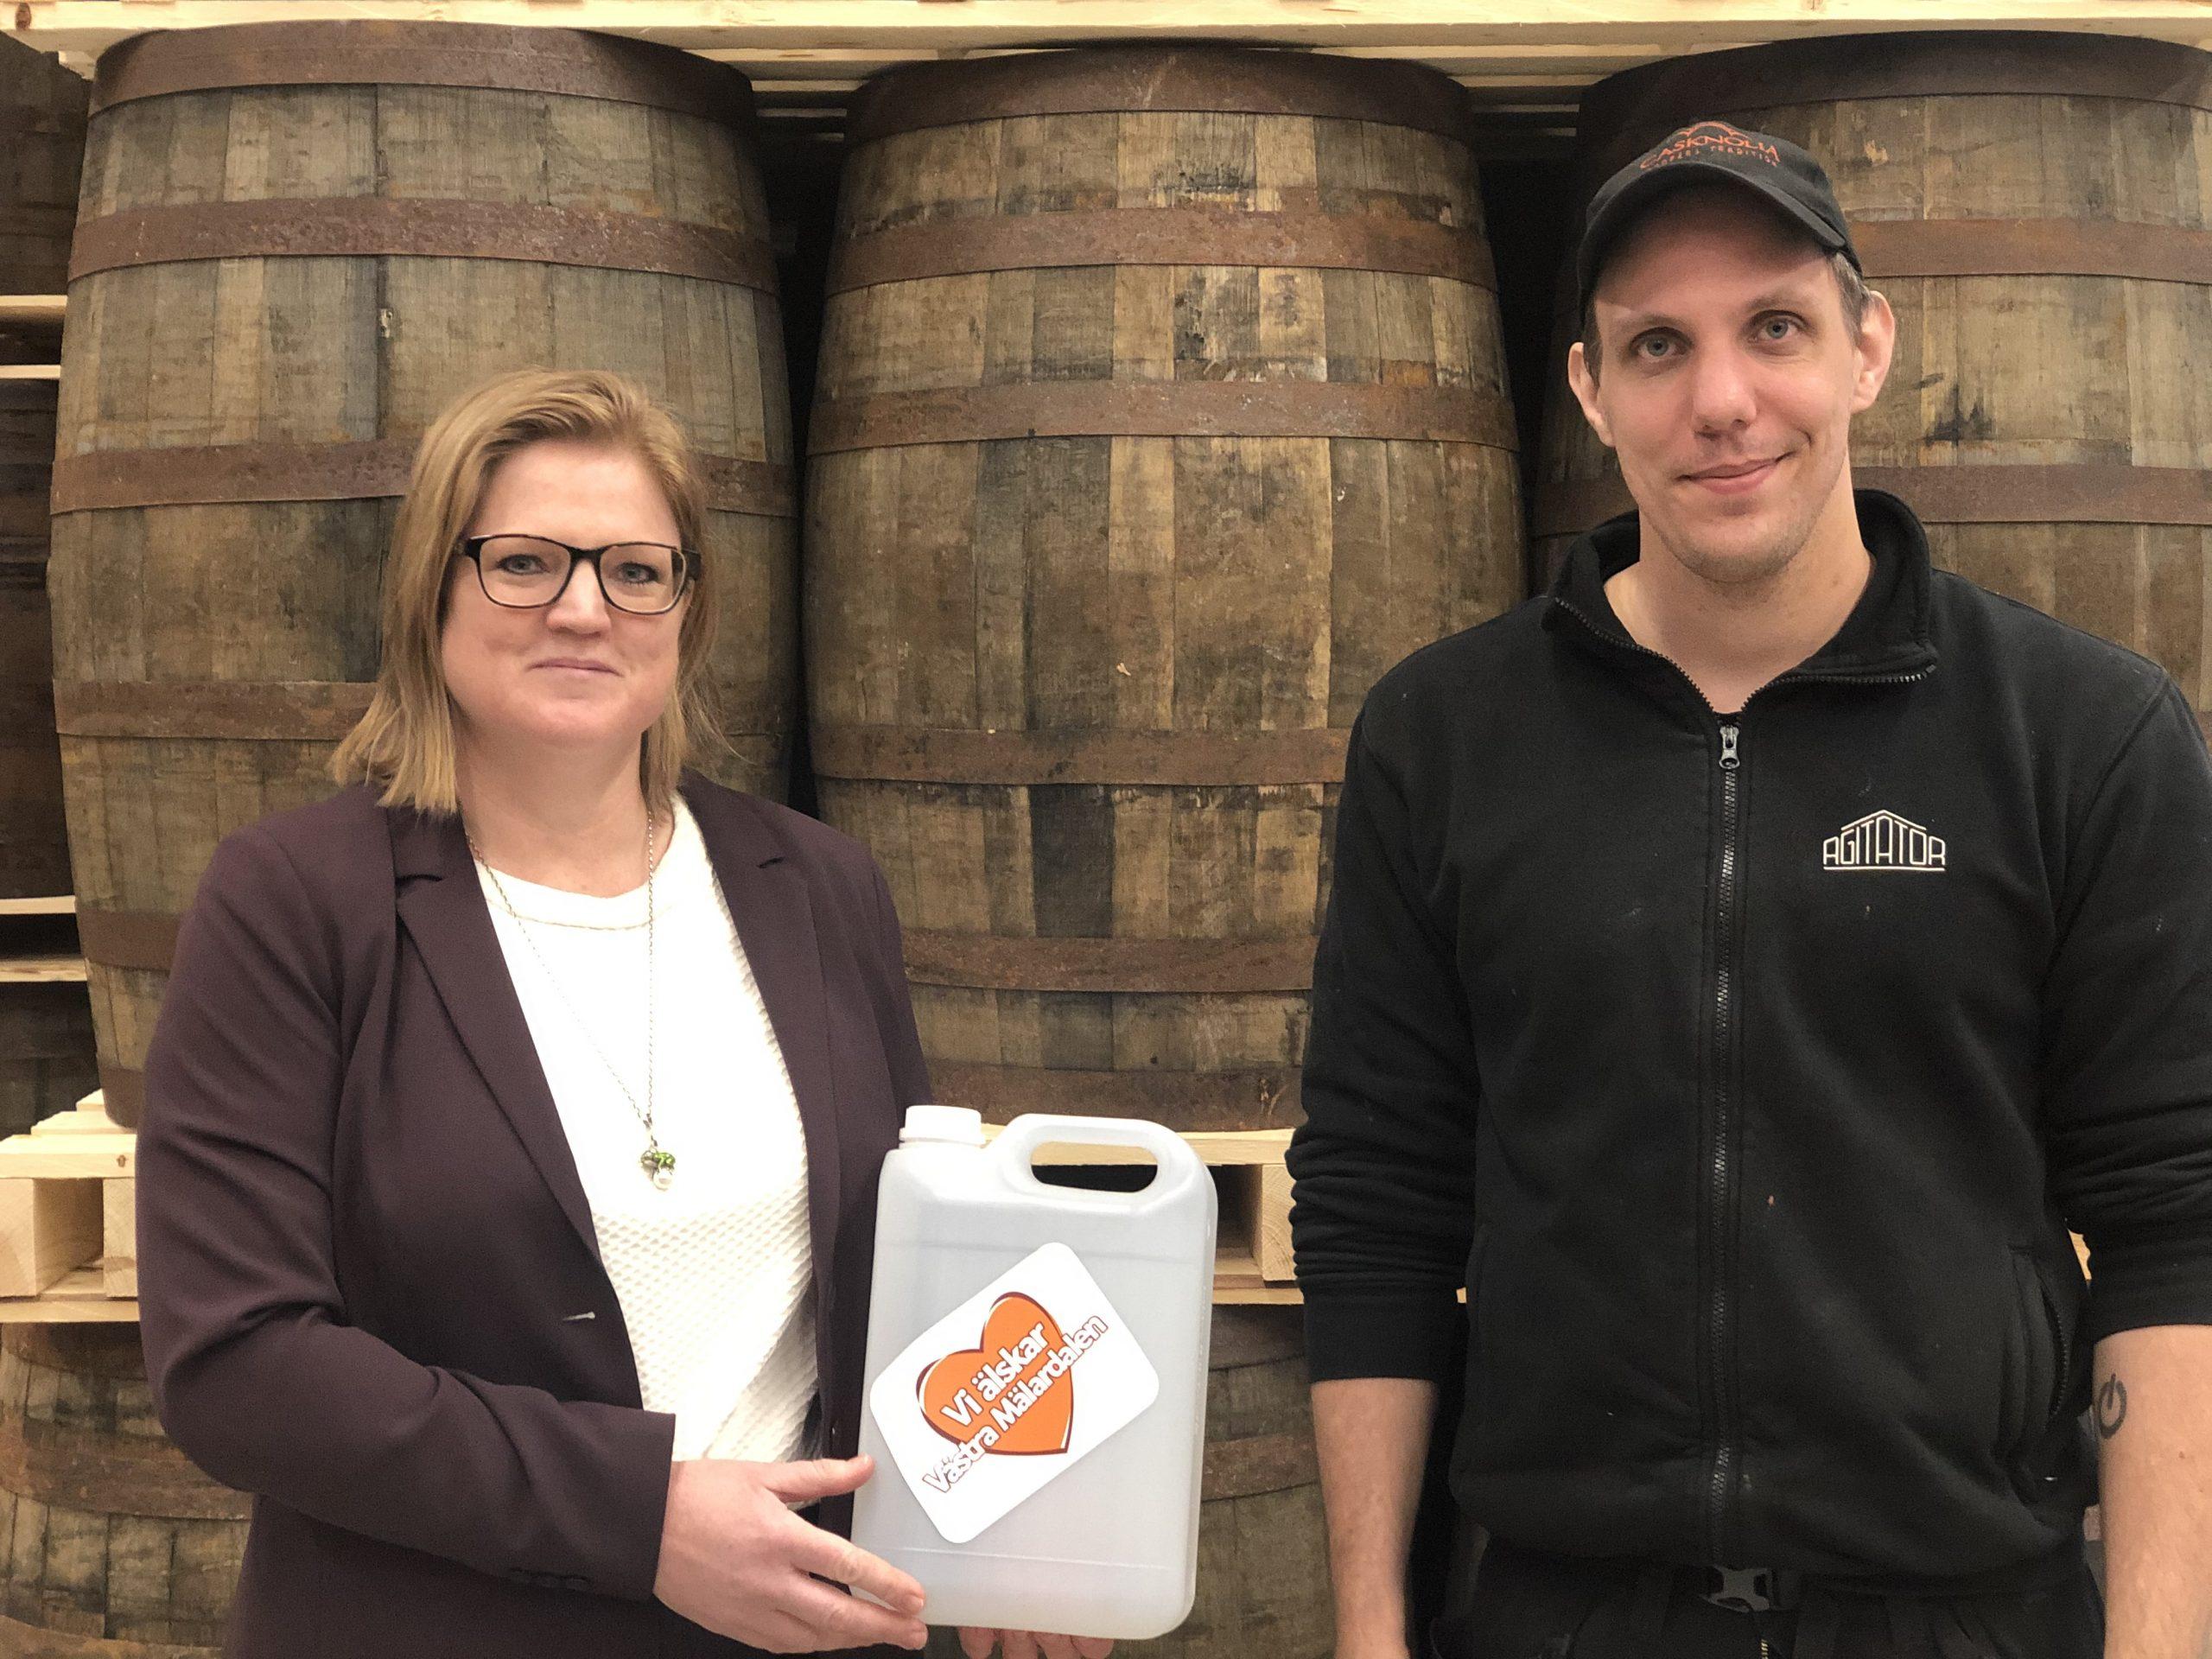 Sparbanken Västra Mälardalen i samarbete med Arbogaföretaget Agitator - skänker 1200 liter handsprit till den regionala vården